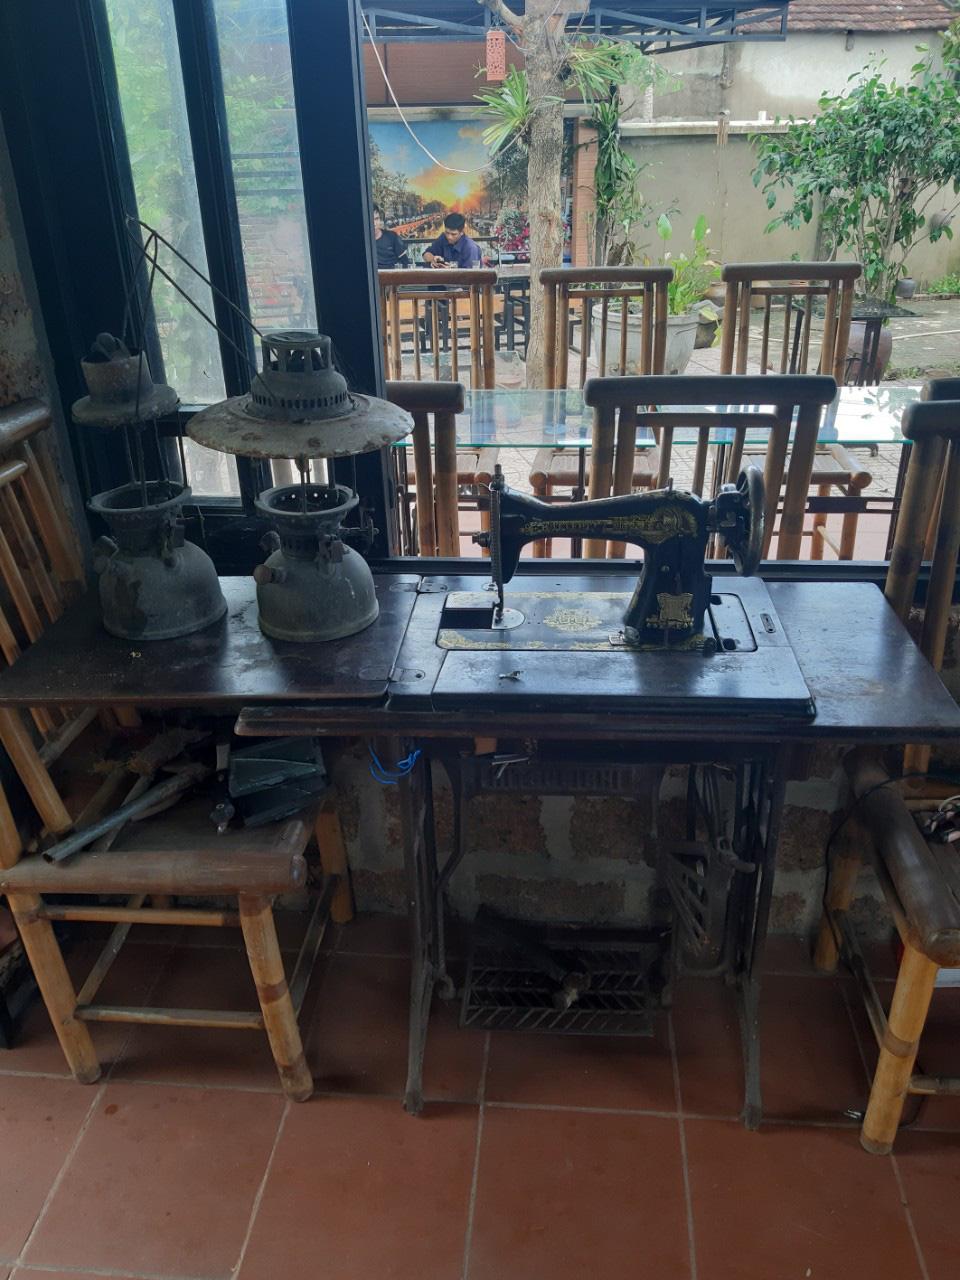 Quảng Nam: Nhứt mắt với quán cà phê bằng đá ong và toàn đồ bỏ đi - Ảnh 8.